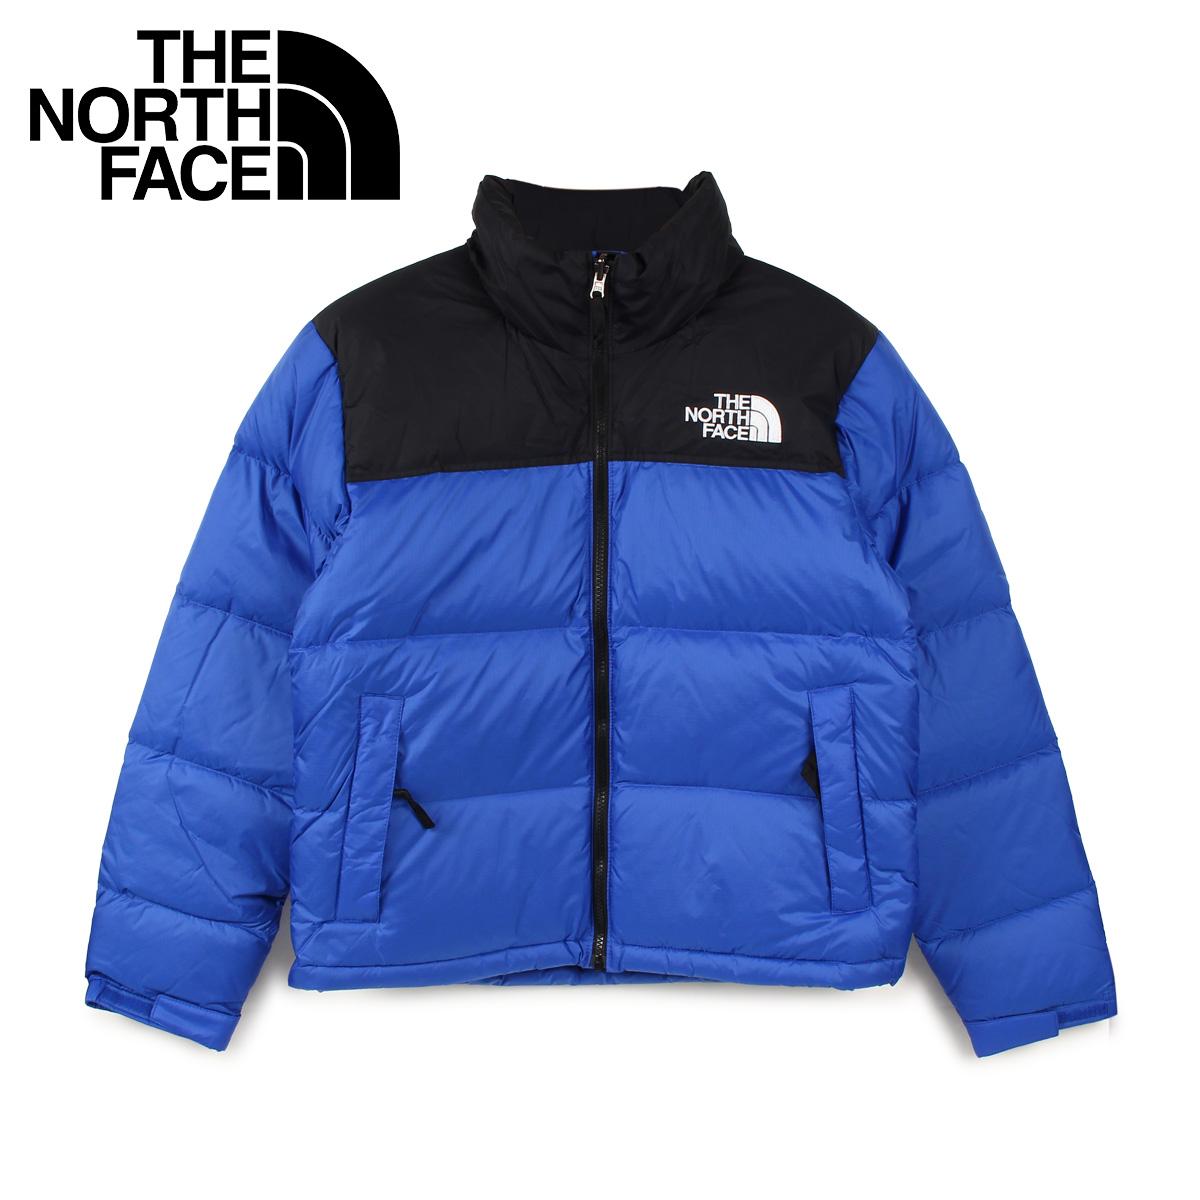 THE NORTH FACE WOMENS 1996 RETRO NUPTSE JACKET ノースフェイス 1996 ジャケット ダウンジャケット レトロ ヌプシ レディース ブルー NF0A3XEO